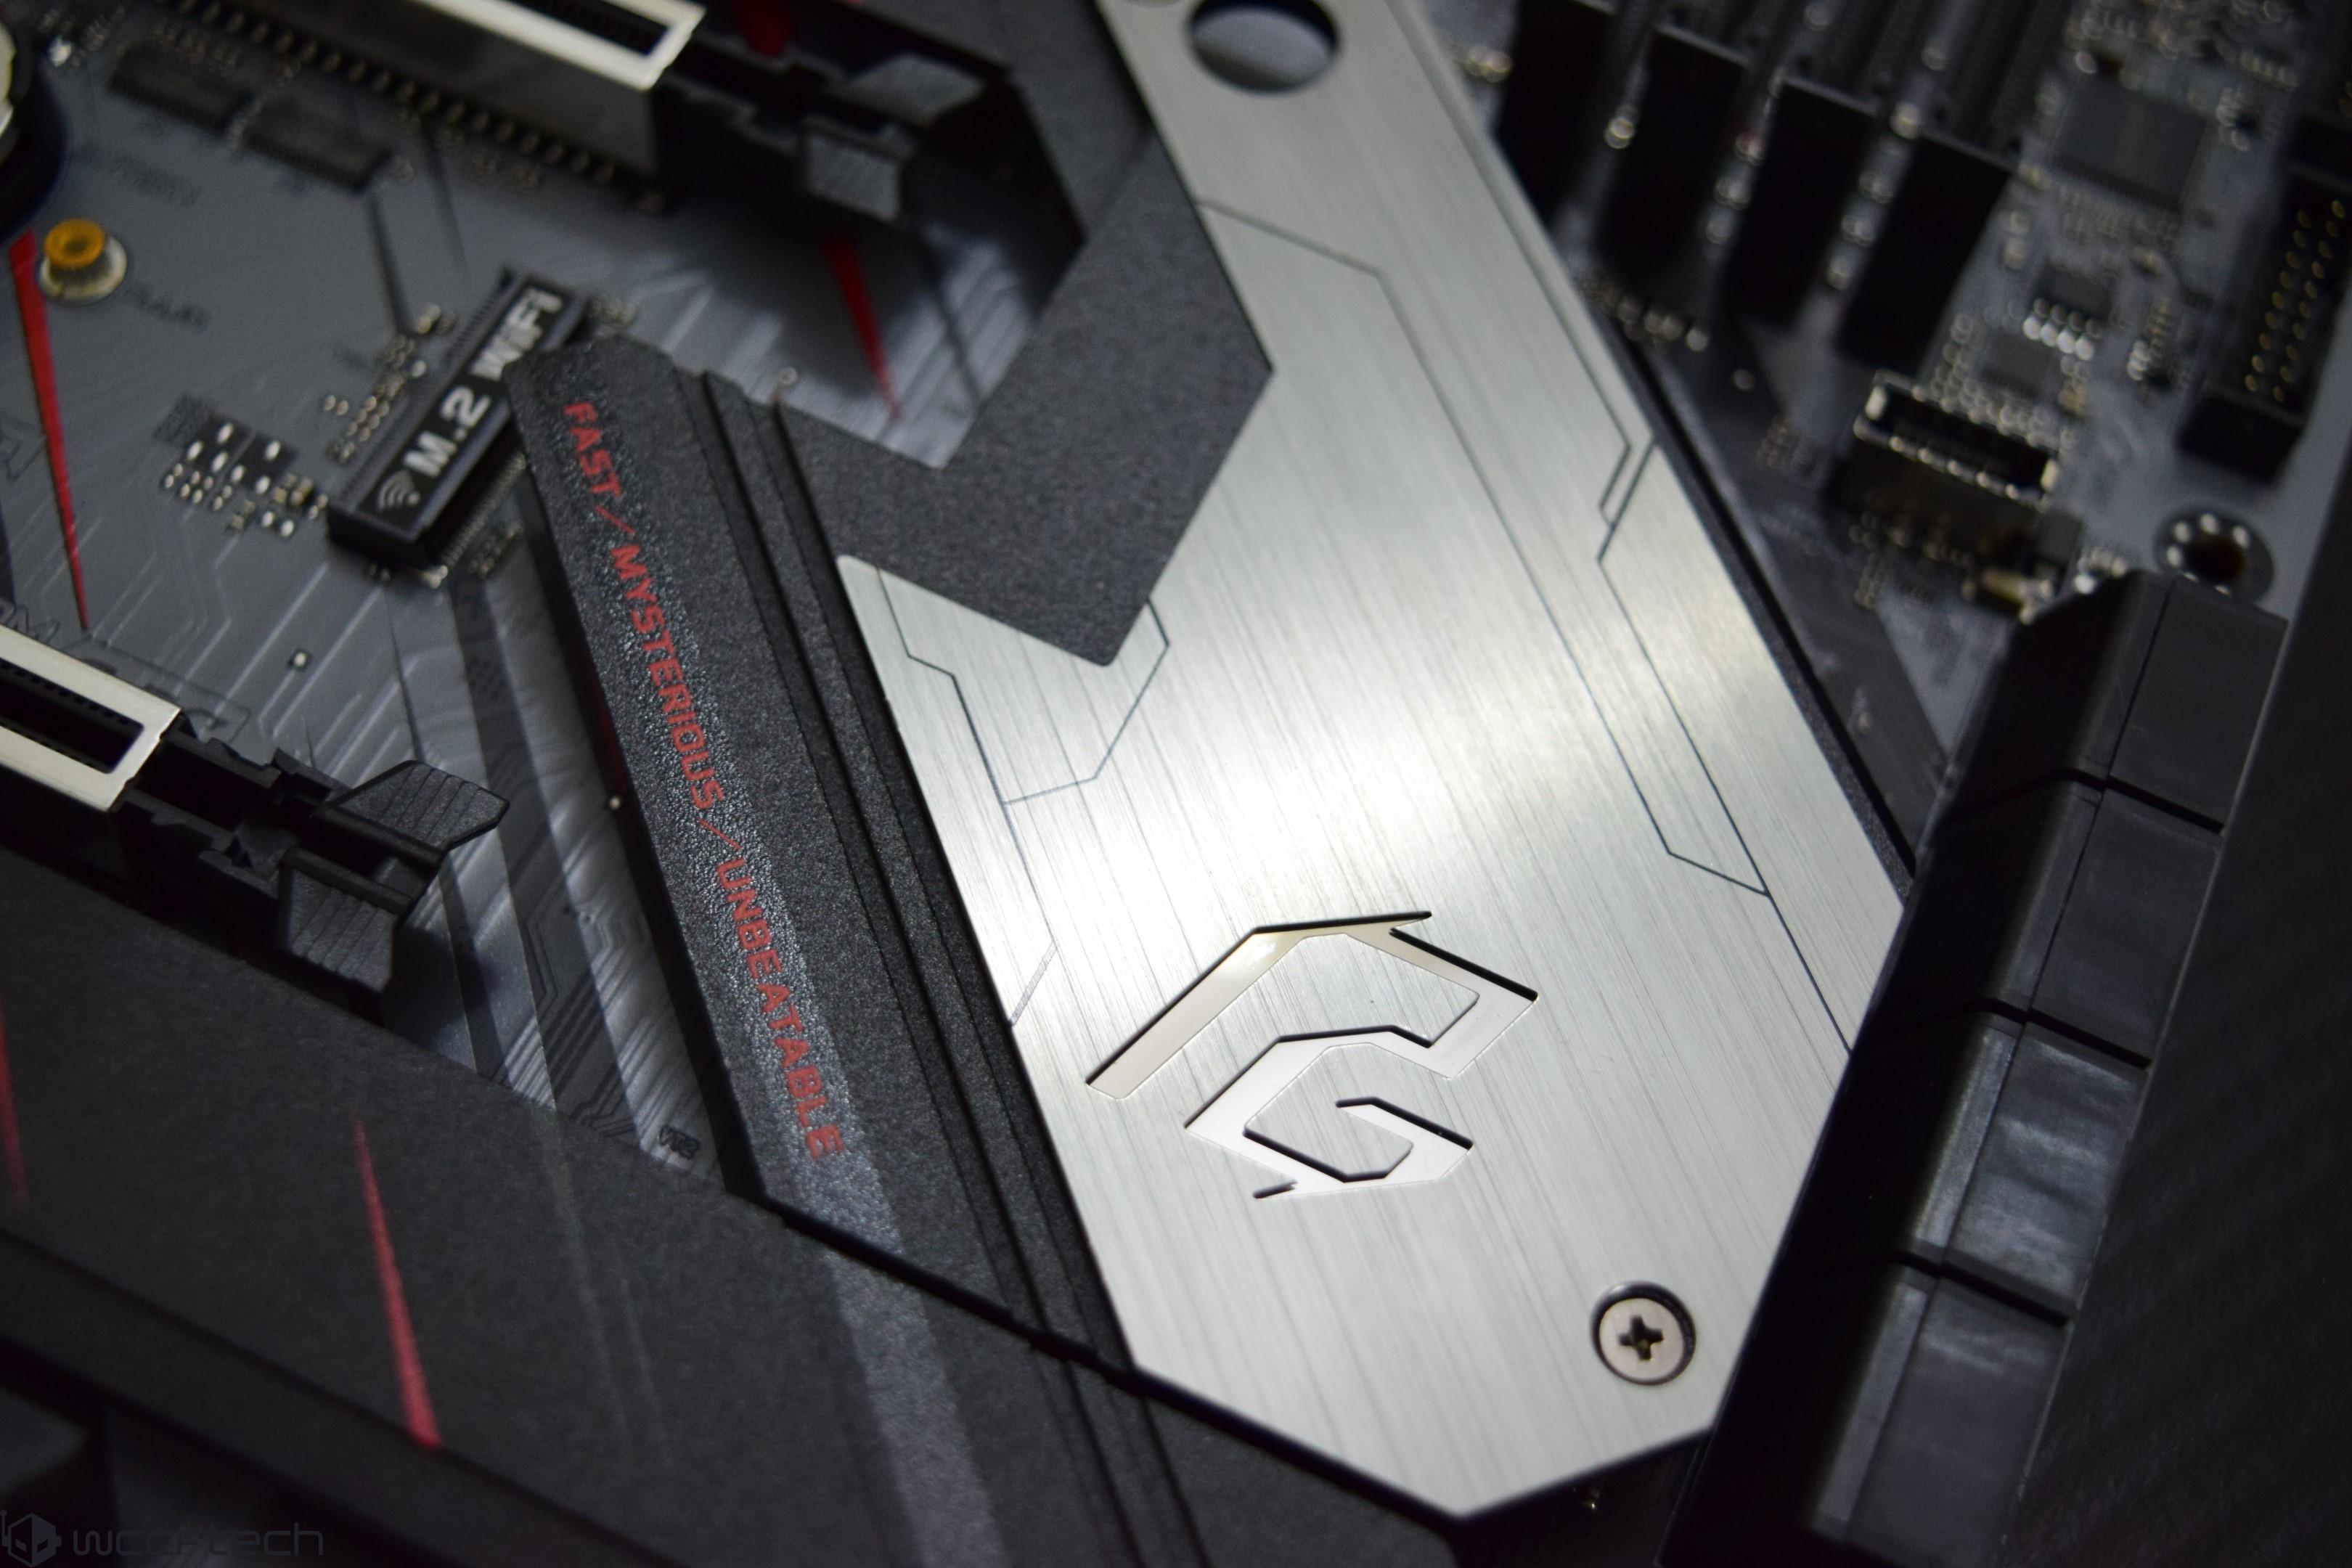 ASRock Z390 Phantom Gaming 7 Motherboard Review – Phantom Gaming Rev